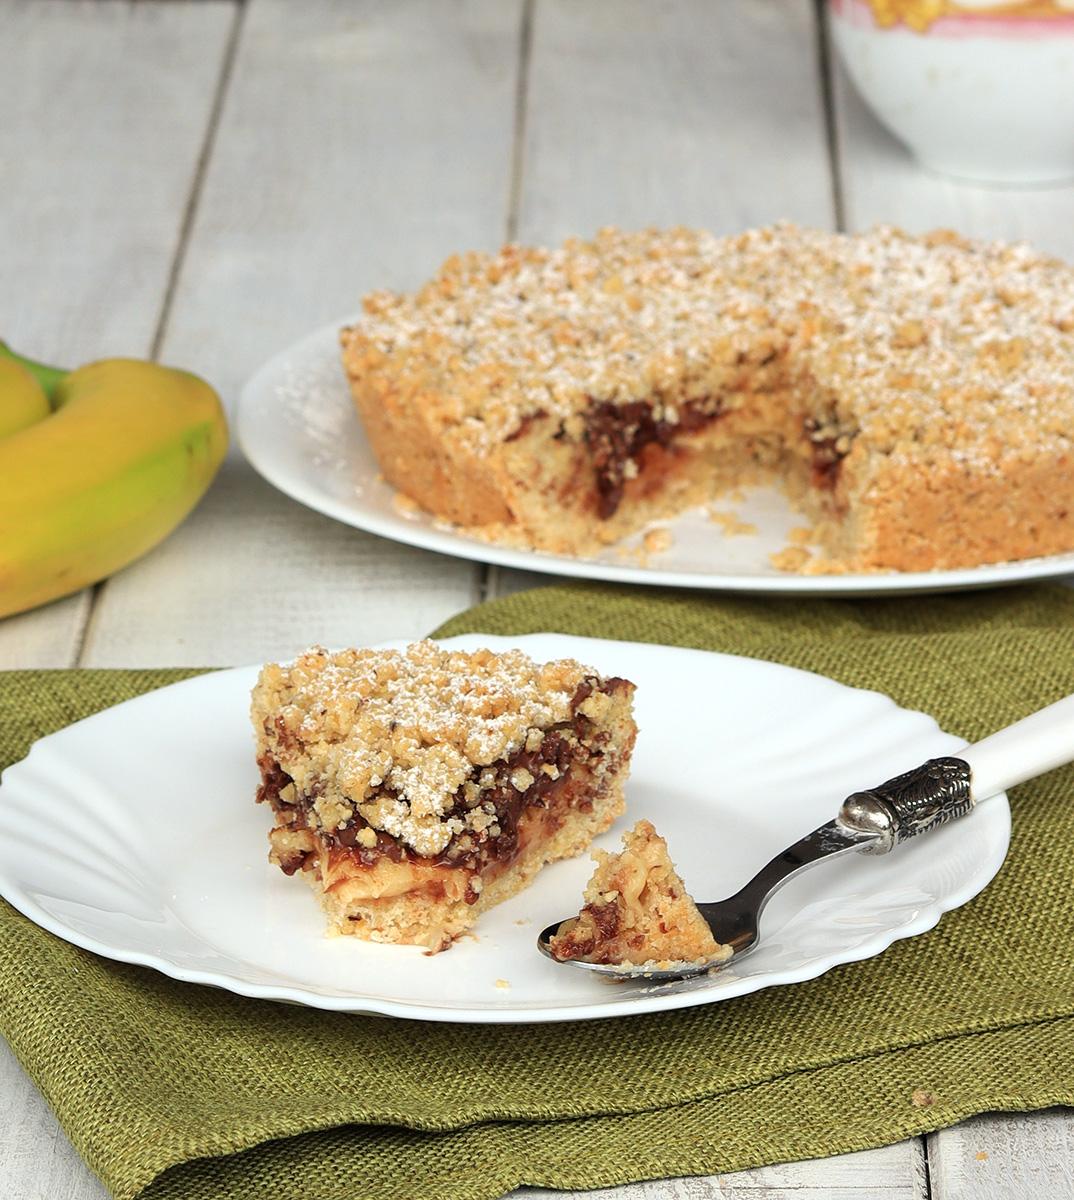 SBRICIOLATA DOLCE BANANA E NUTELLA ricetta torta banane e nutella